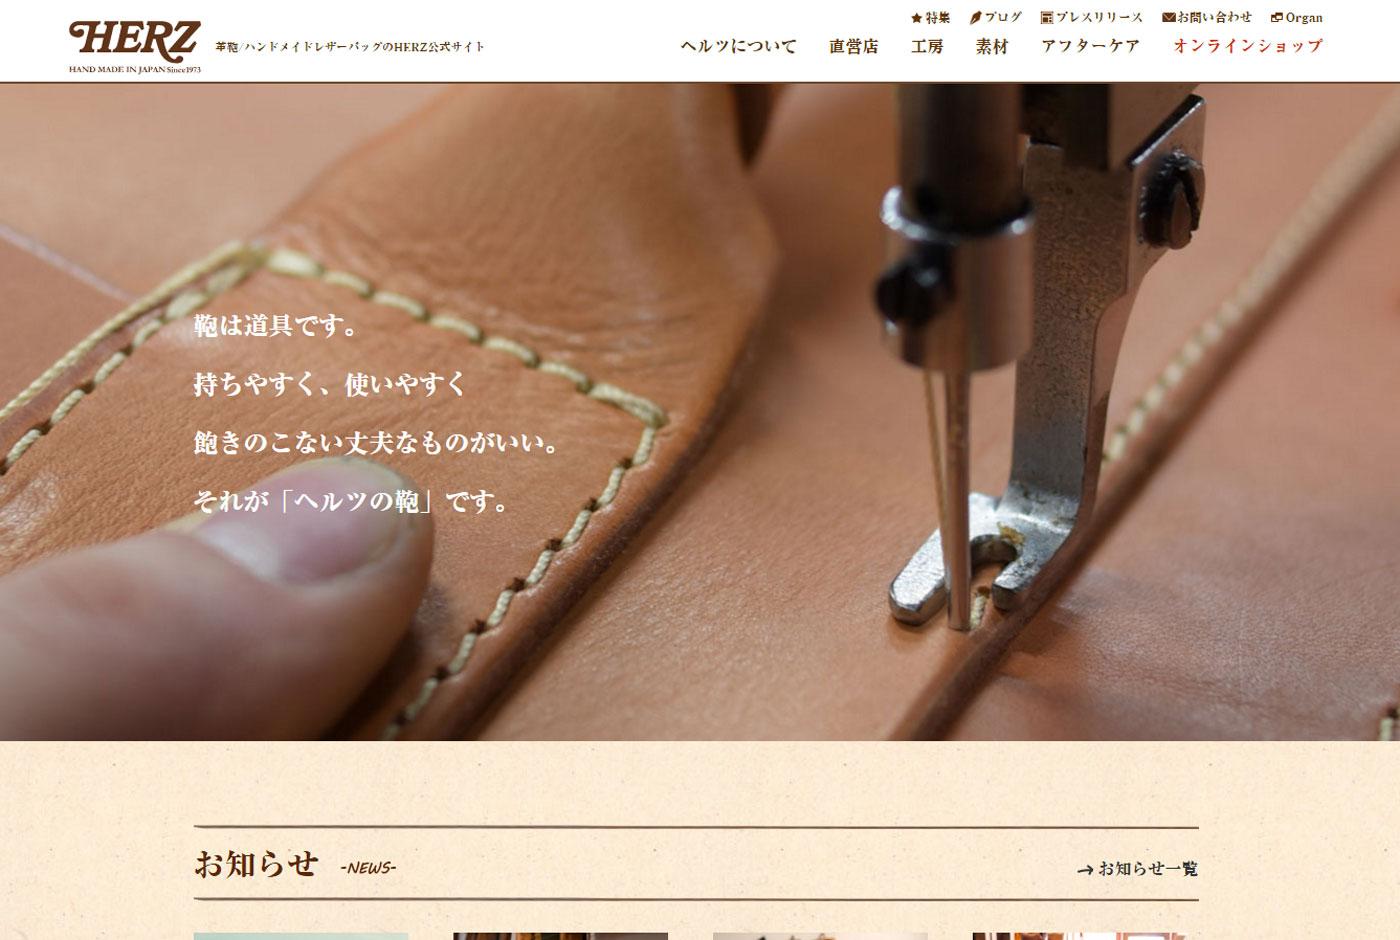 お買い物ページ以外、全てのコンテンツをデザインから一新しました